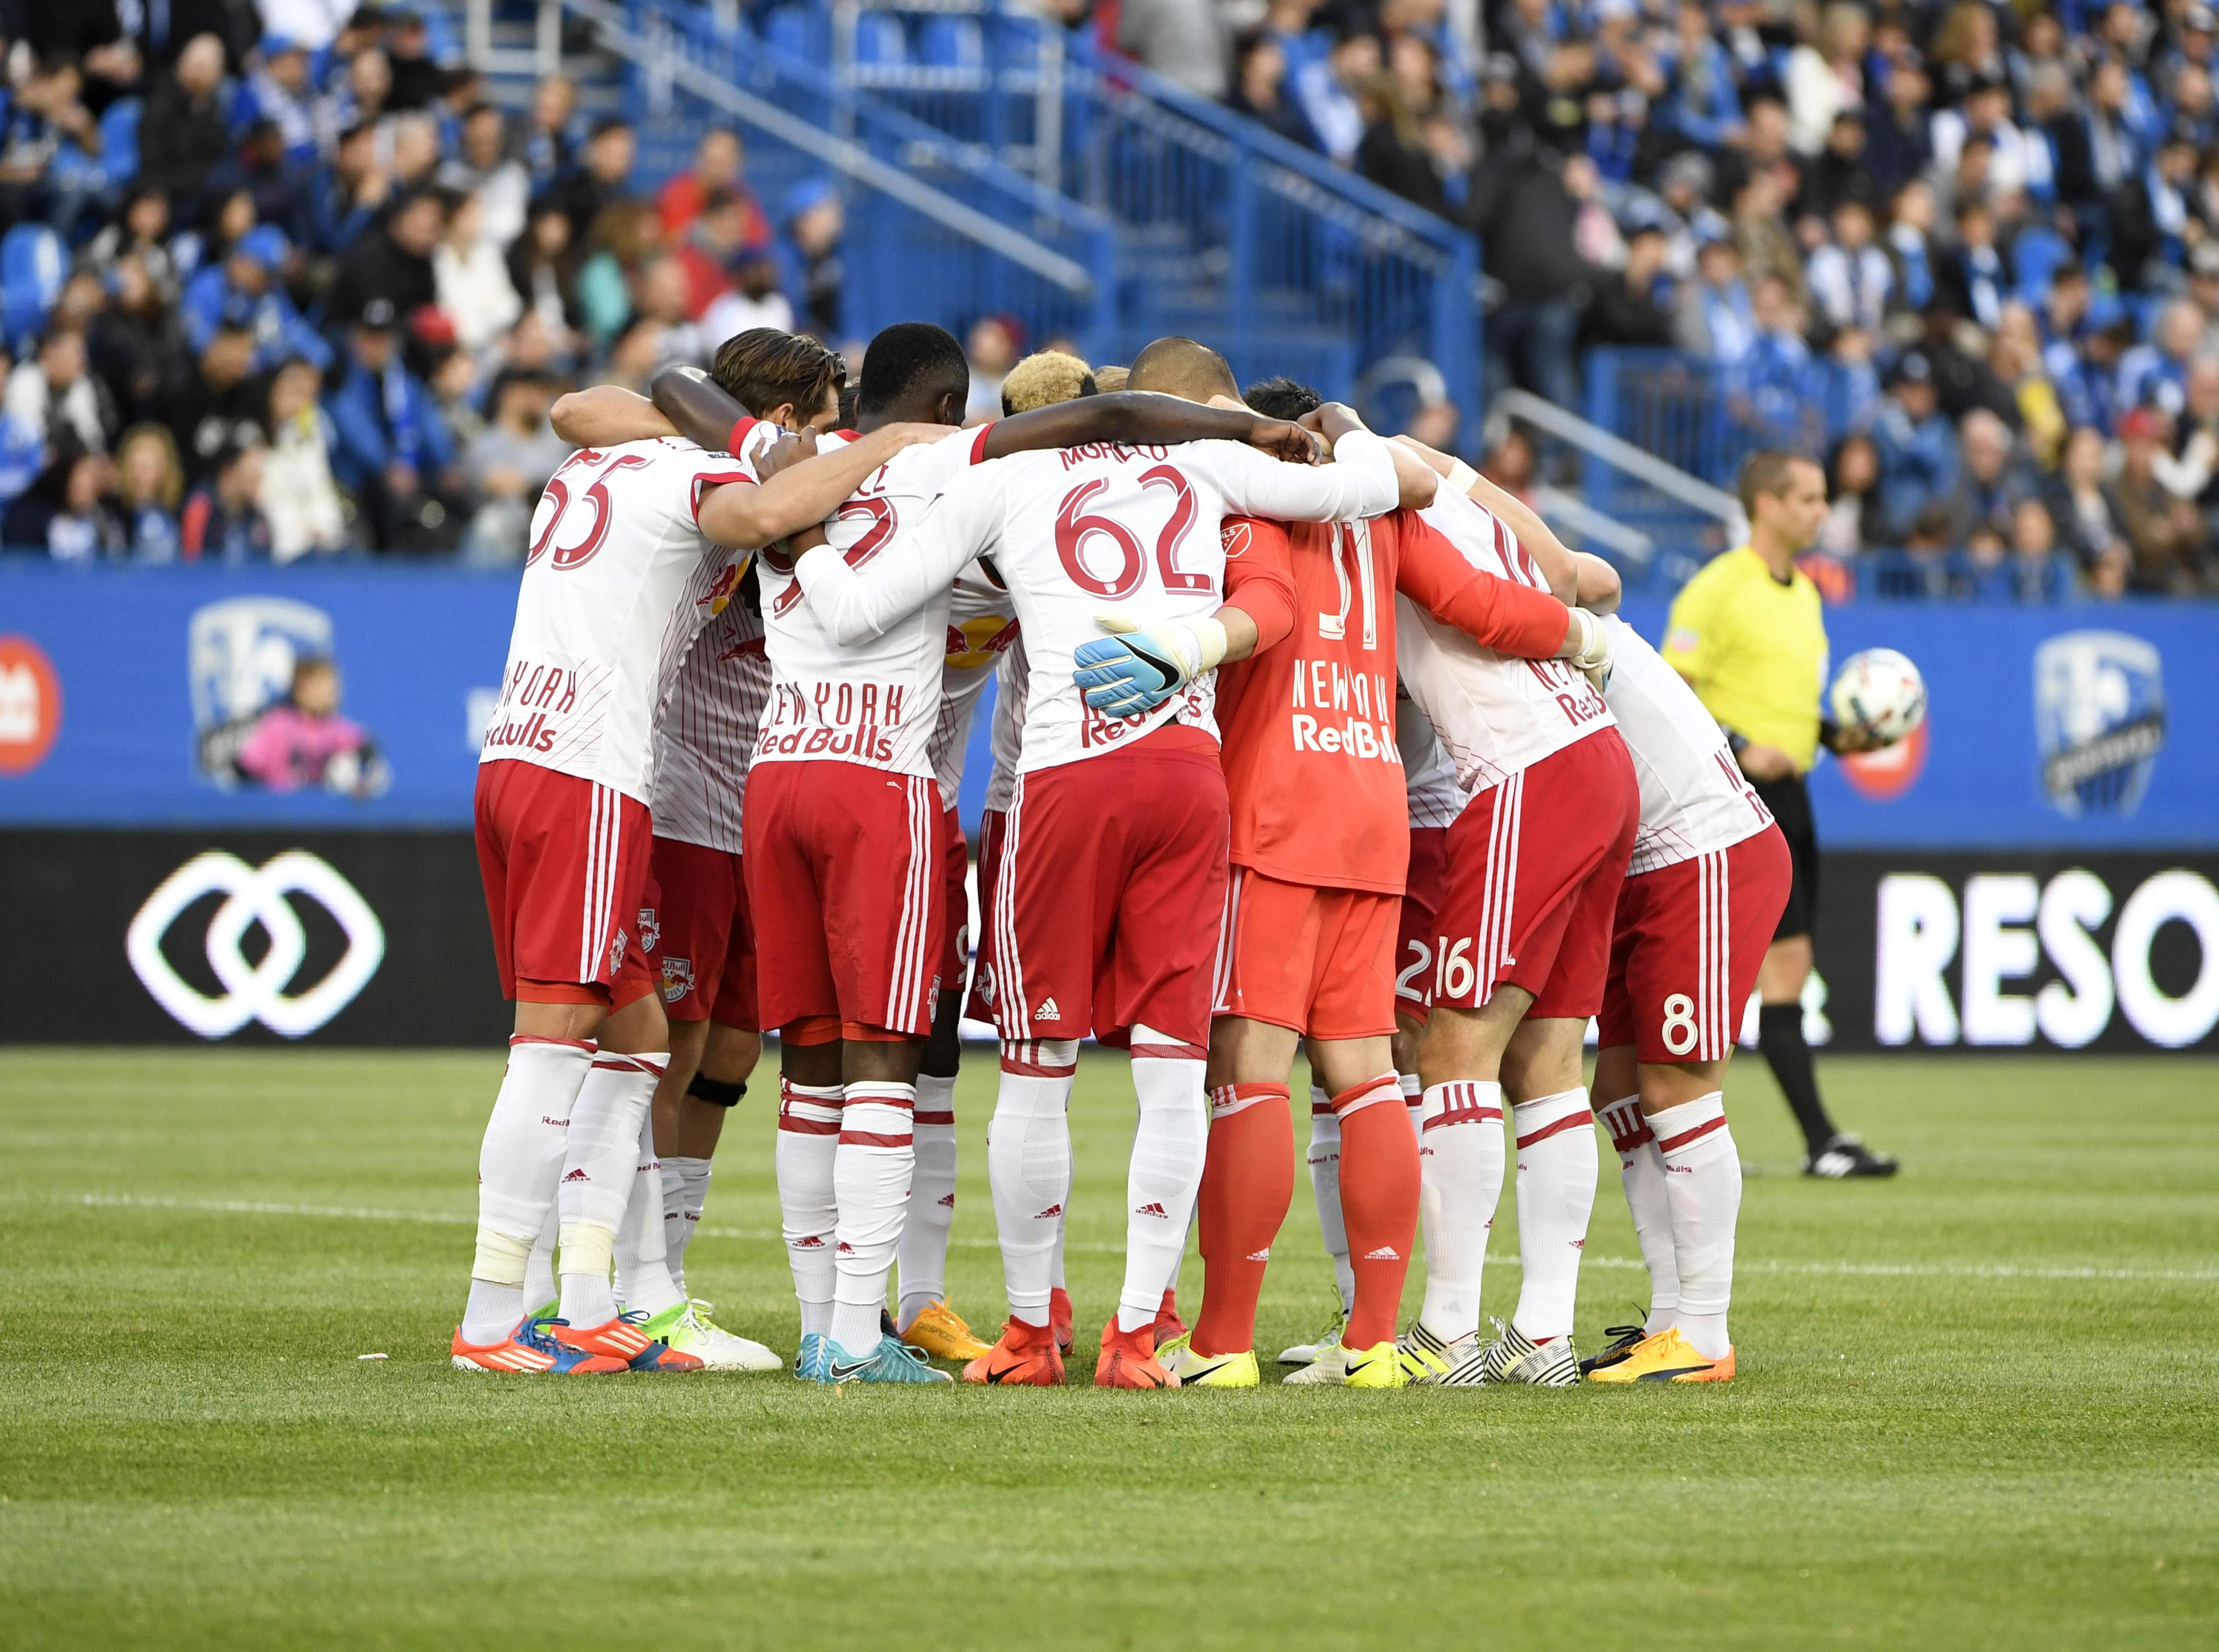 MLS: New York Red Bulls at Montreal Impact